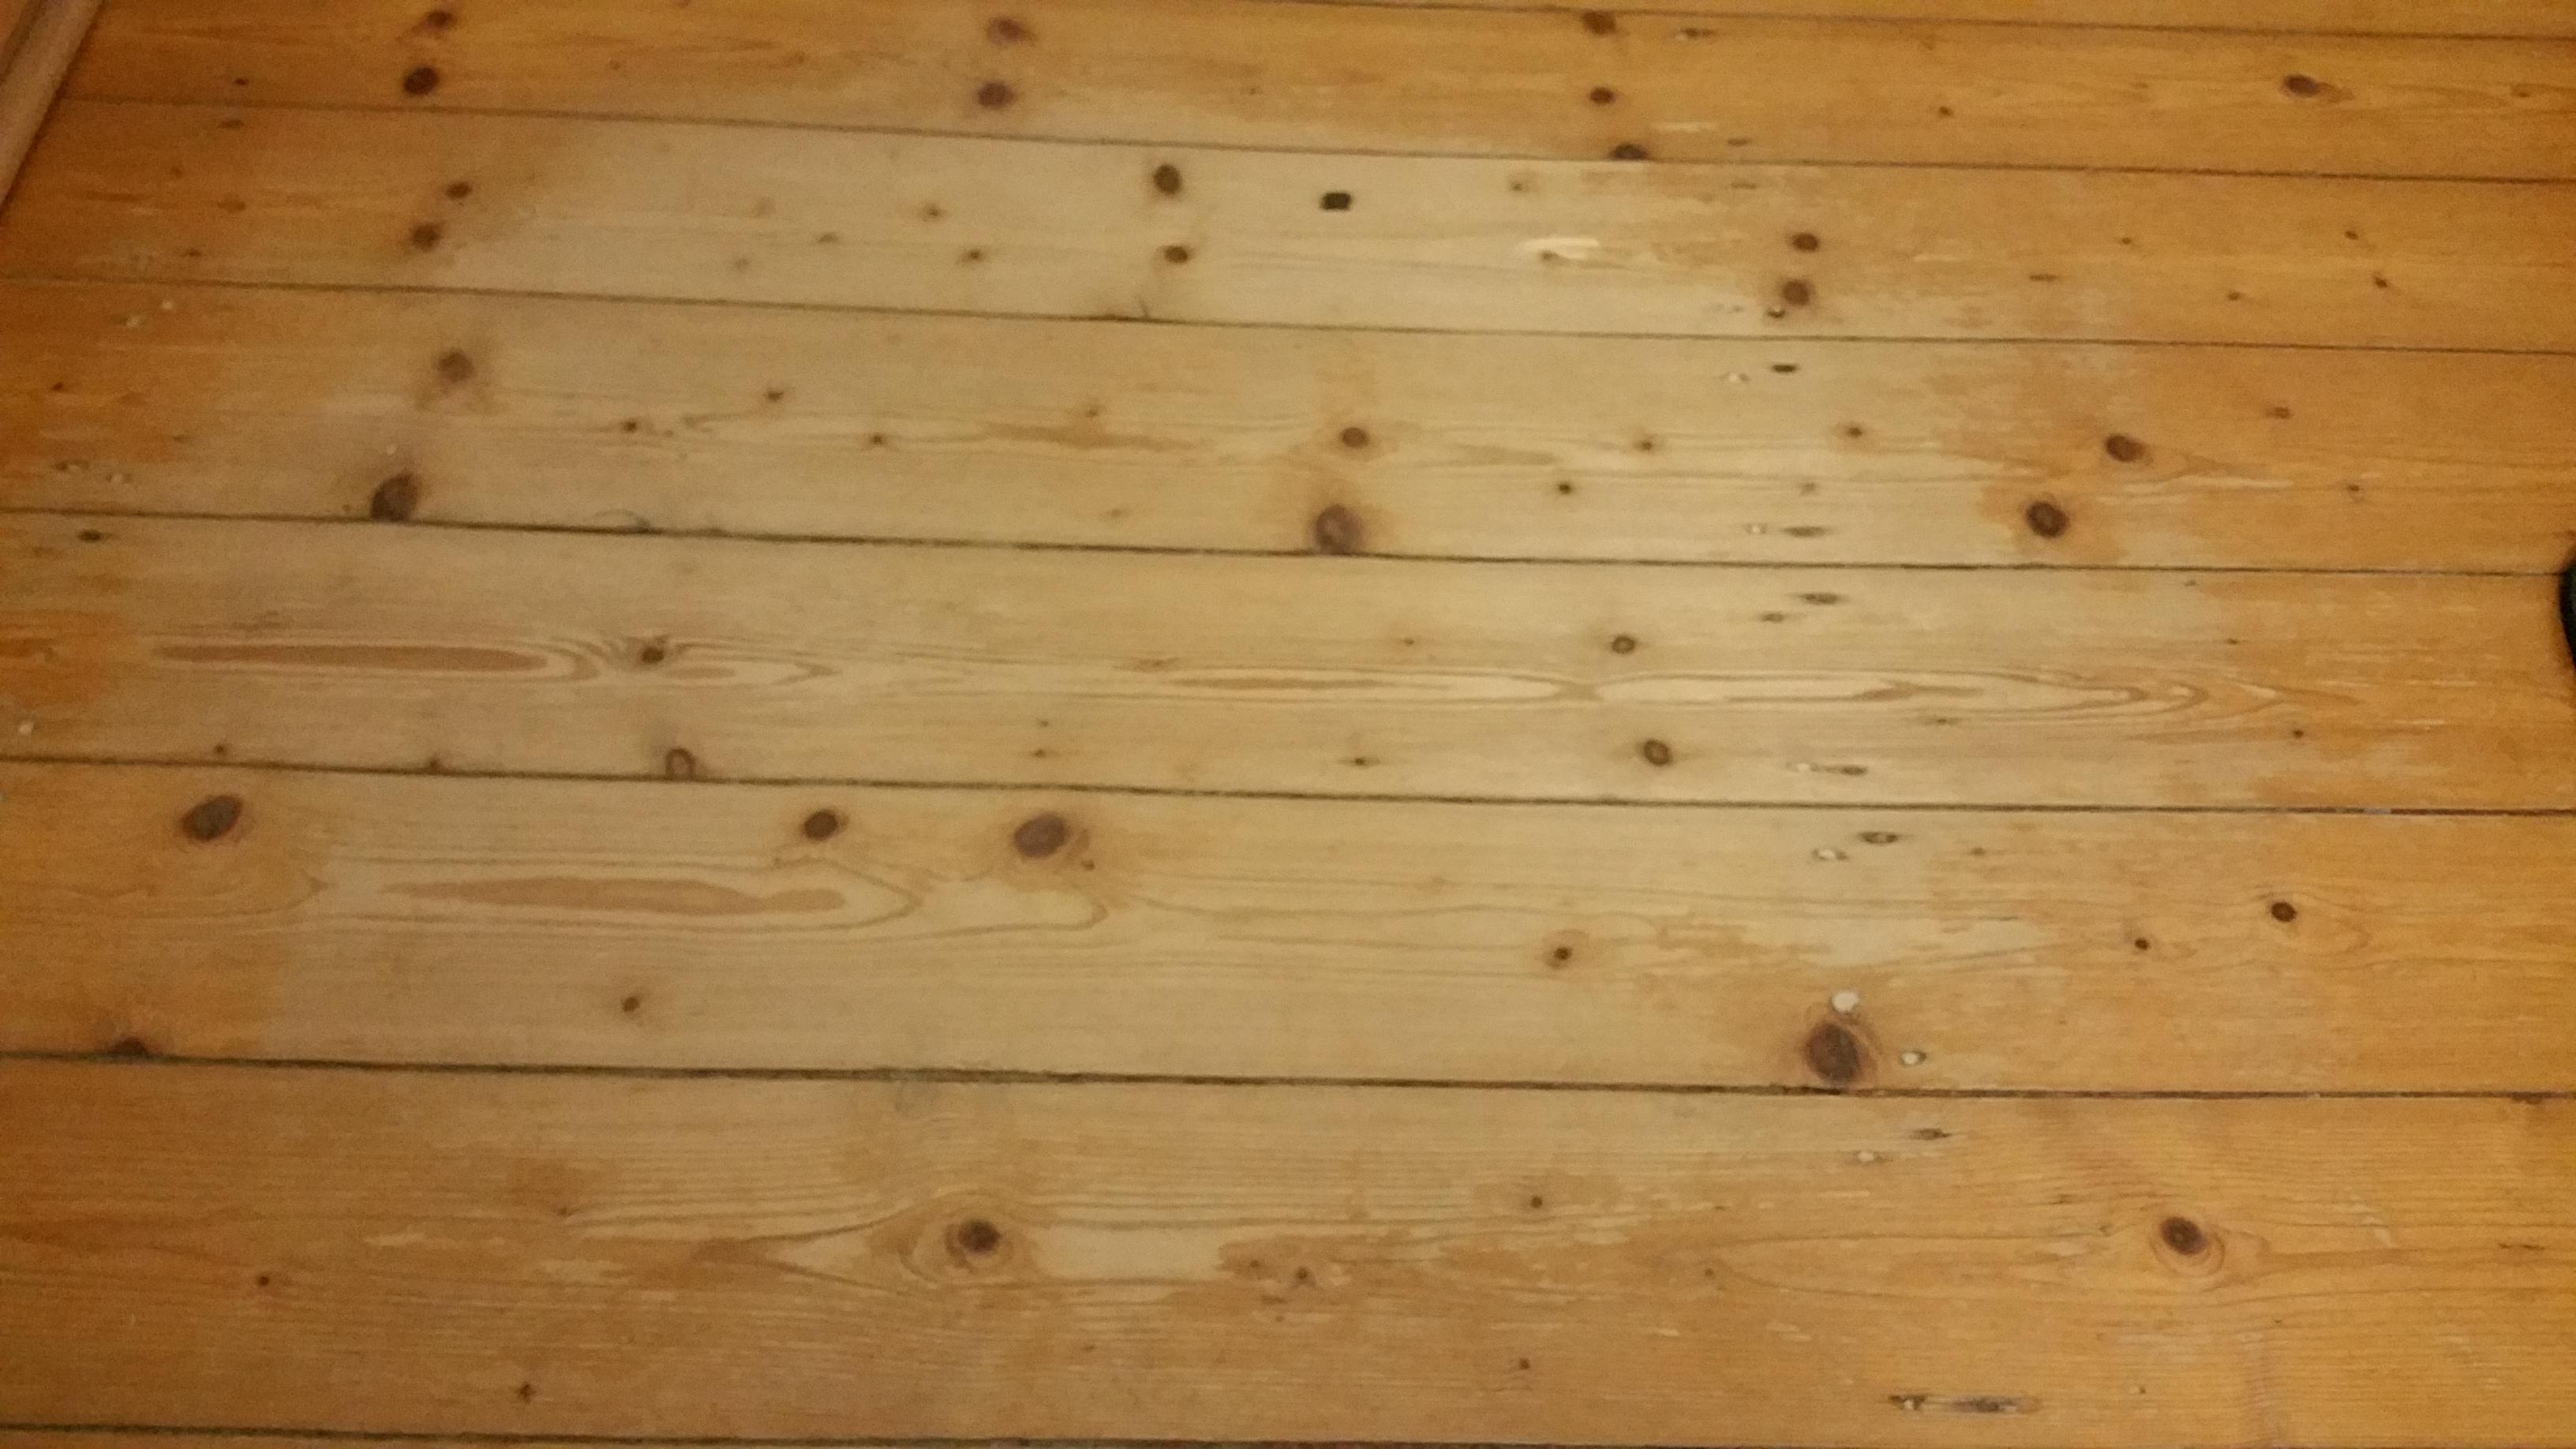 Fußbodenbelag In Mietwohnung ~ Mietwohnung fußboden beschädigt haftpflicht diese schäden